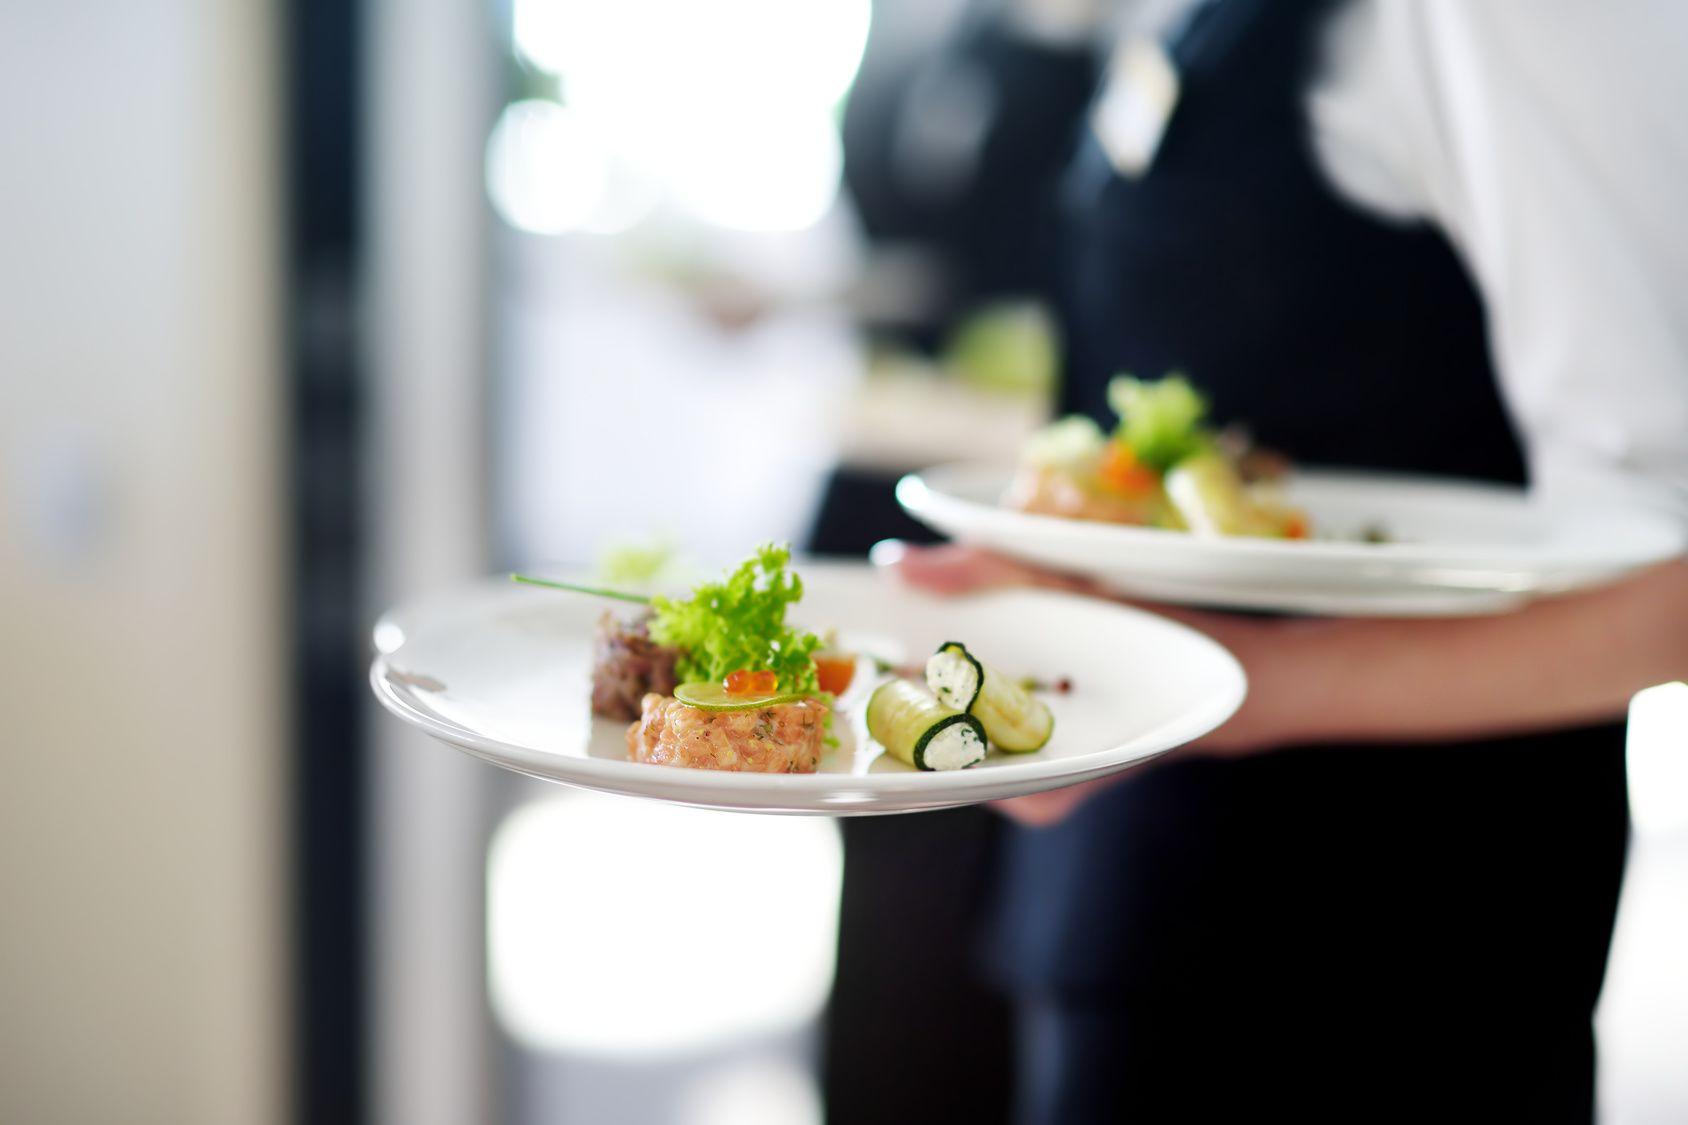 7 ainutlaatuista oppia, jotka saa työskentelemällä ravintolassa